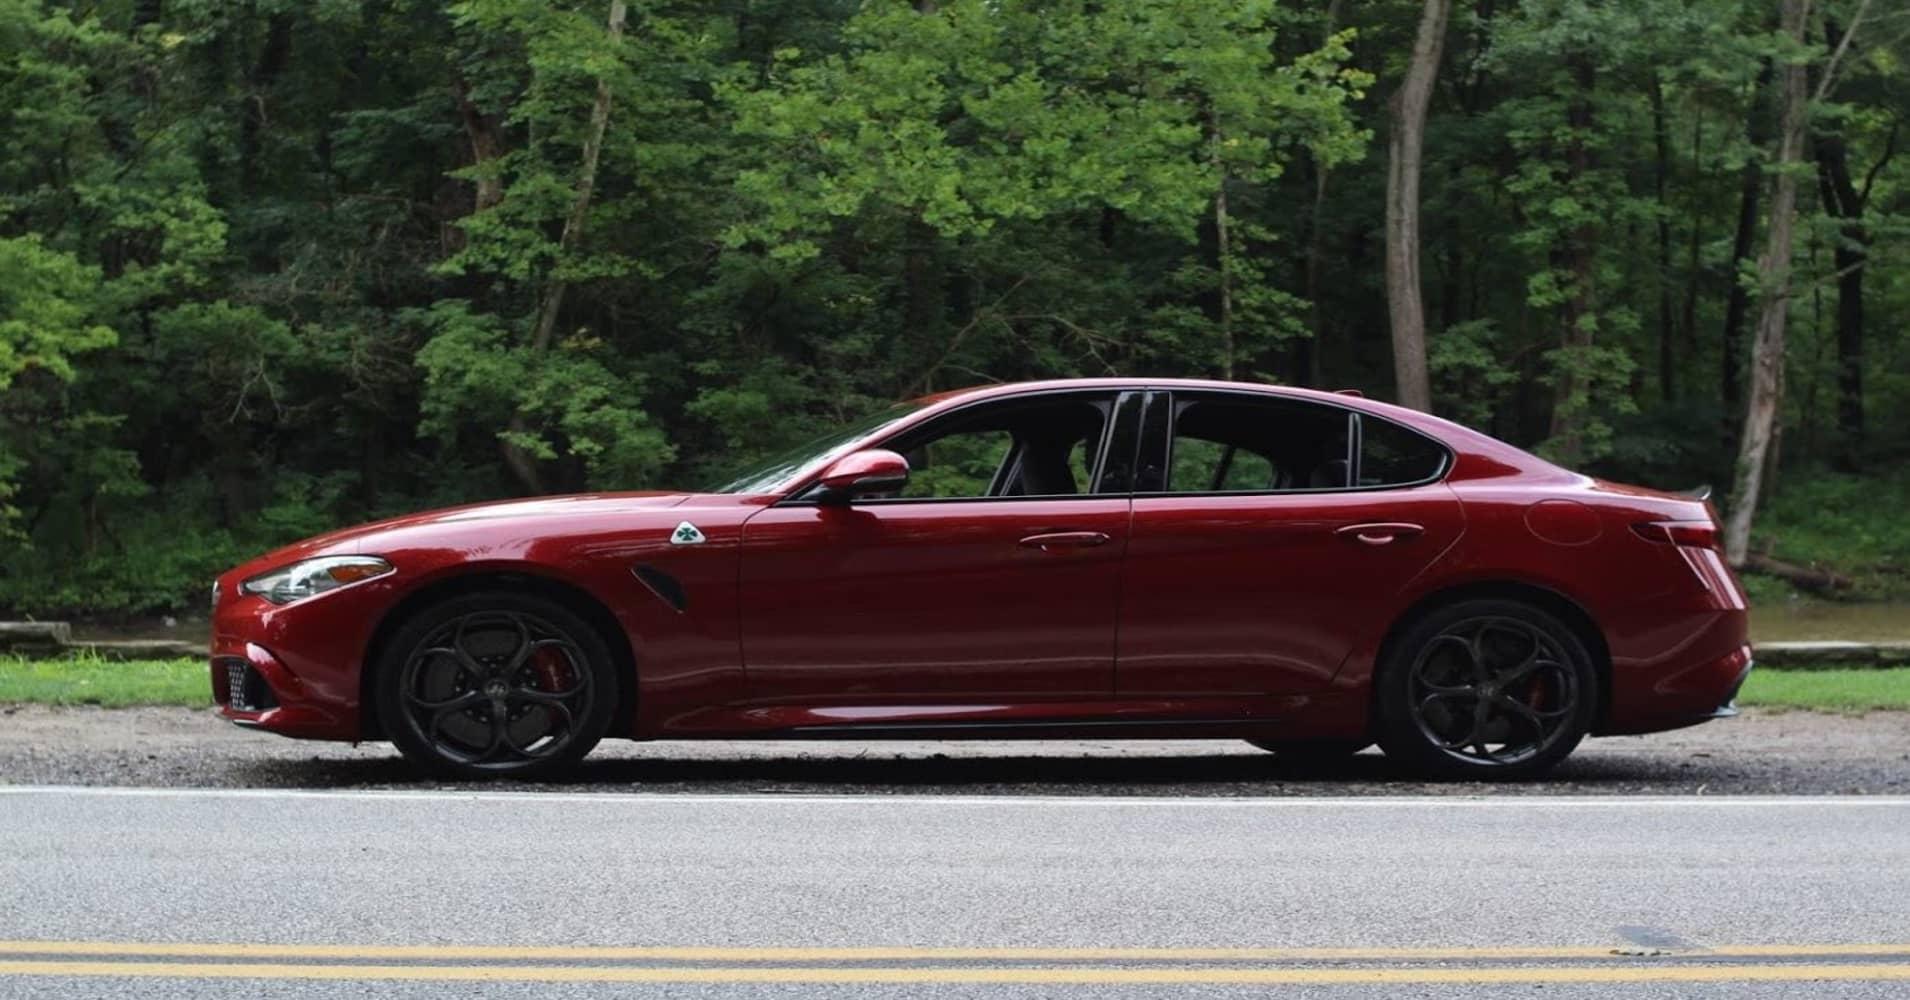 The 2018 Alfa Romeo Giulia Quadrifoglio is a near-perfect sports sedan